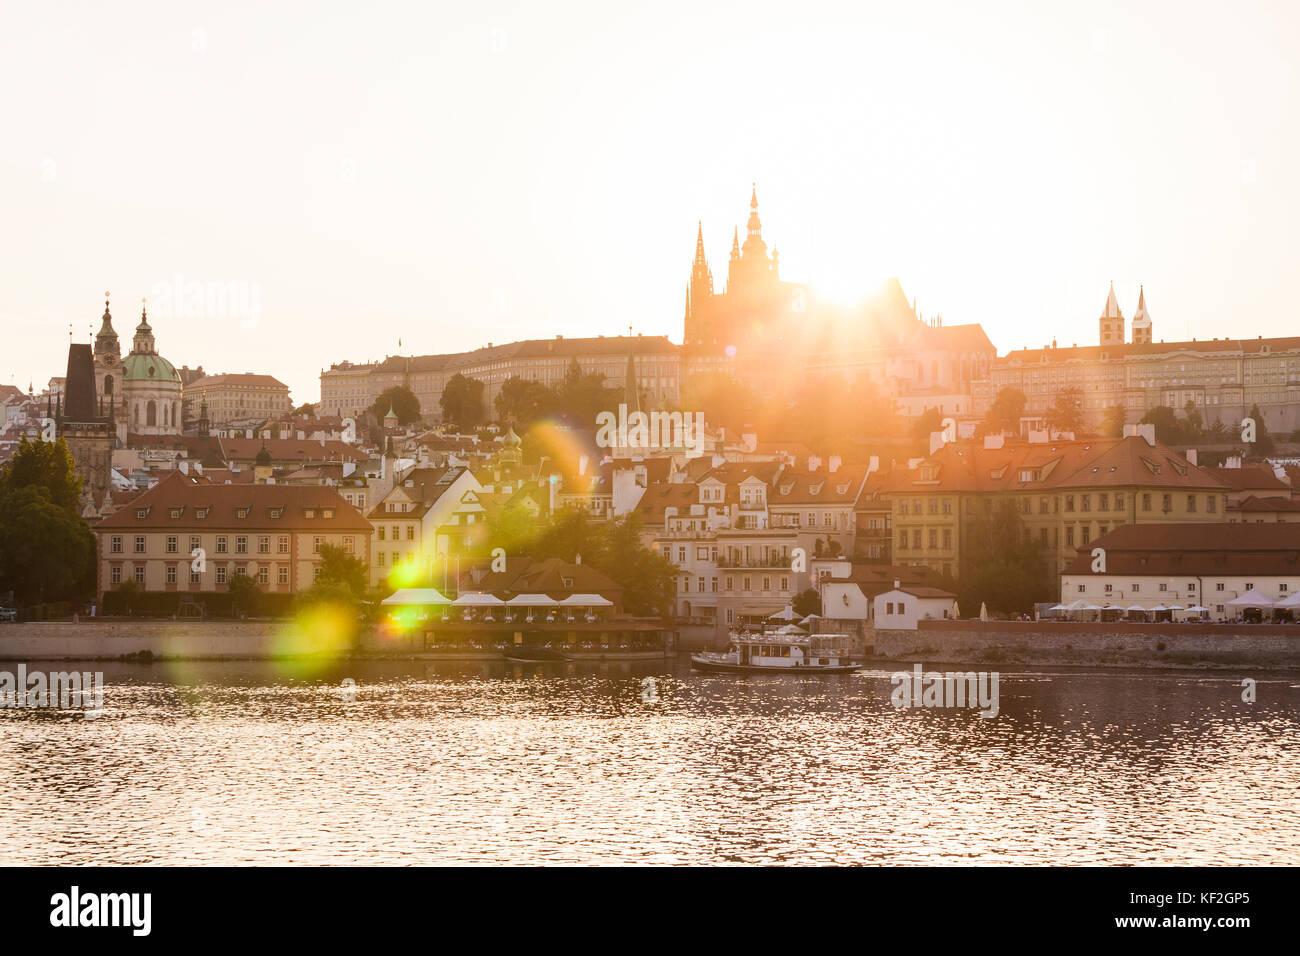 Tschechien, Prag, Kleinseite, Moldau, Hradschin, Hrad, Burg, Ausflugsboot, Sonnenuntergang - Stock Image